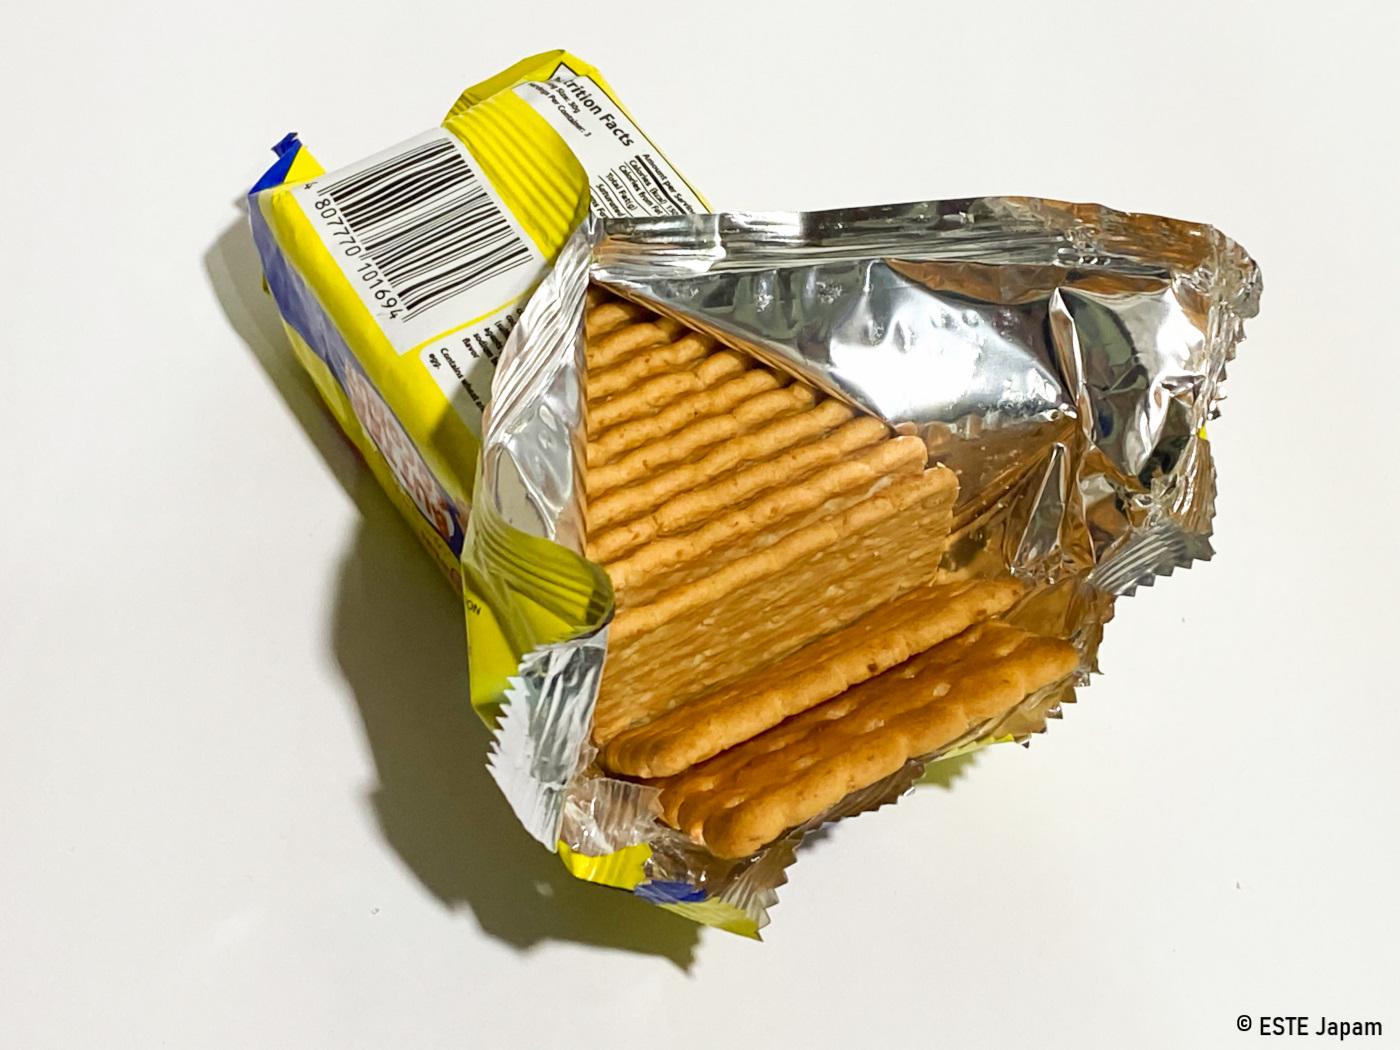 バターココナッツの包装